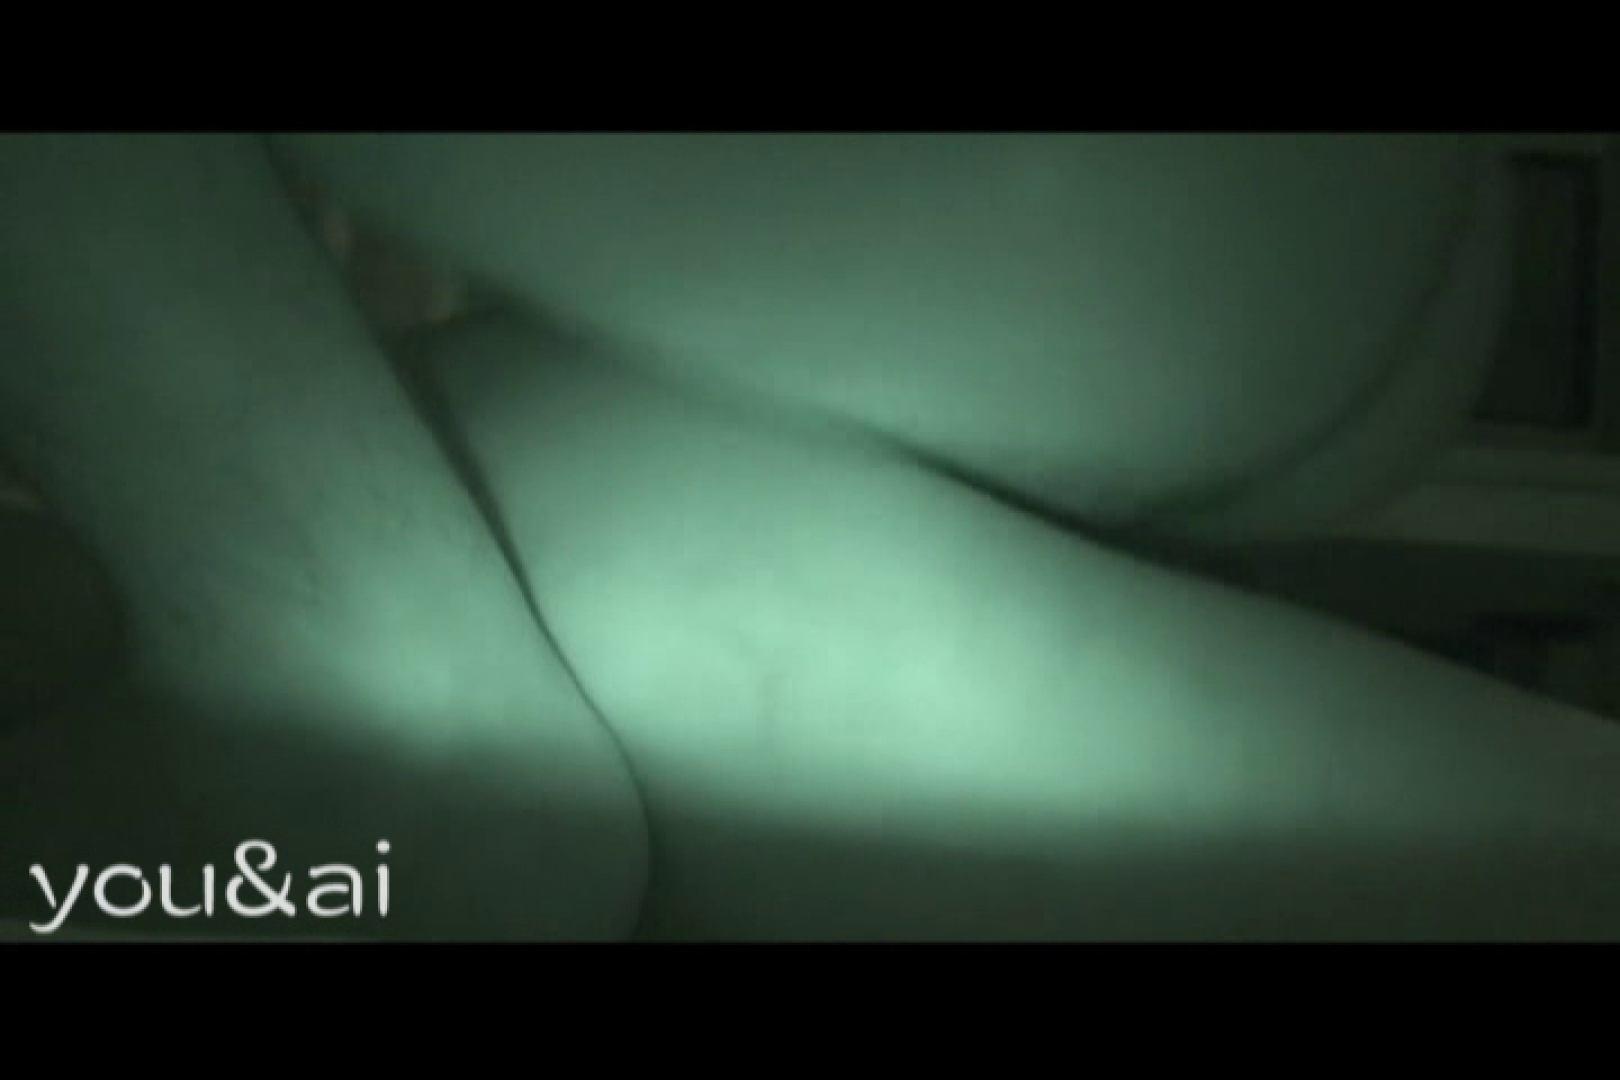 おしどり夫婦のyou&aiさん投稿作品vol.3 一般投稿 AV無料 70pic 35